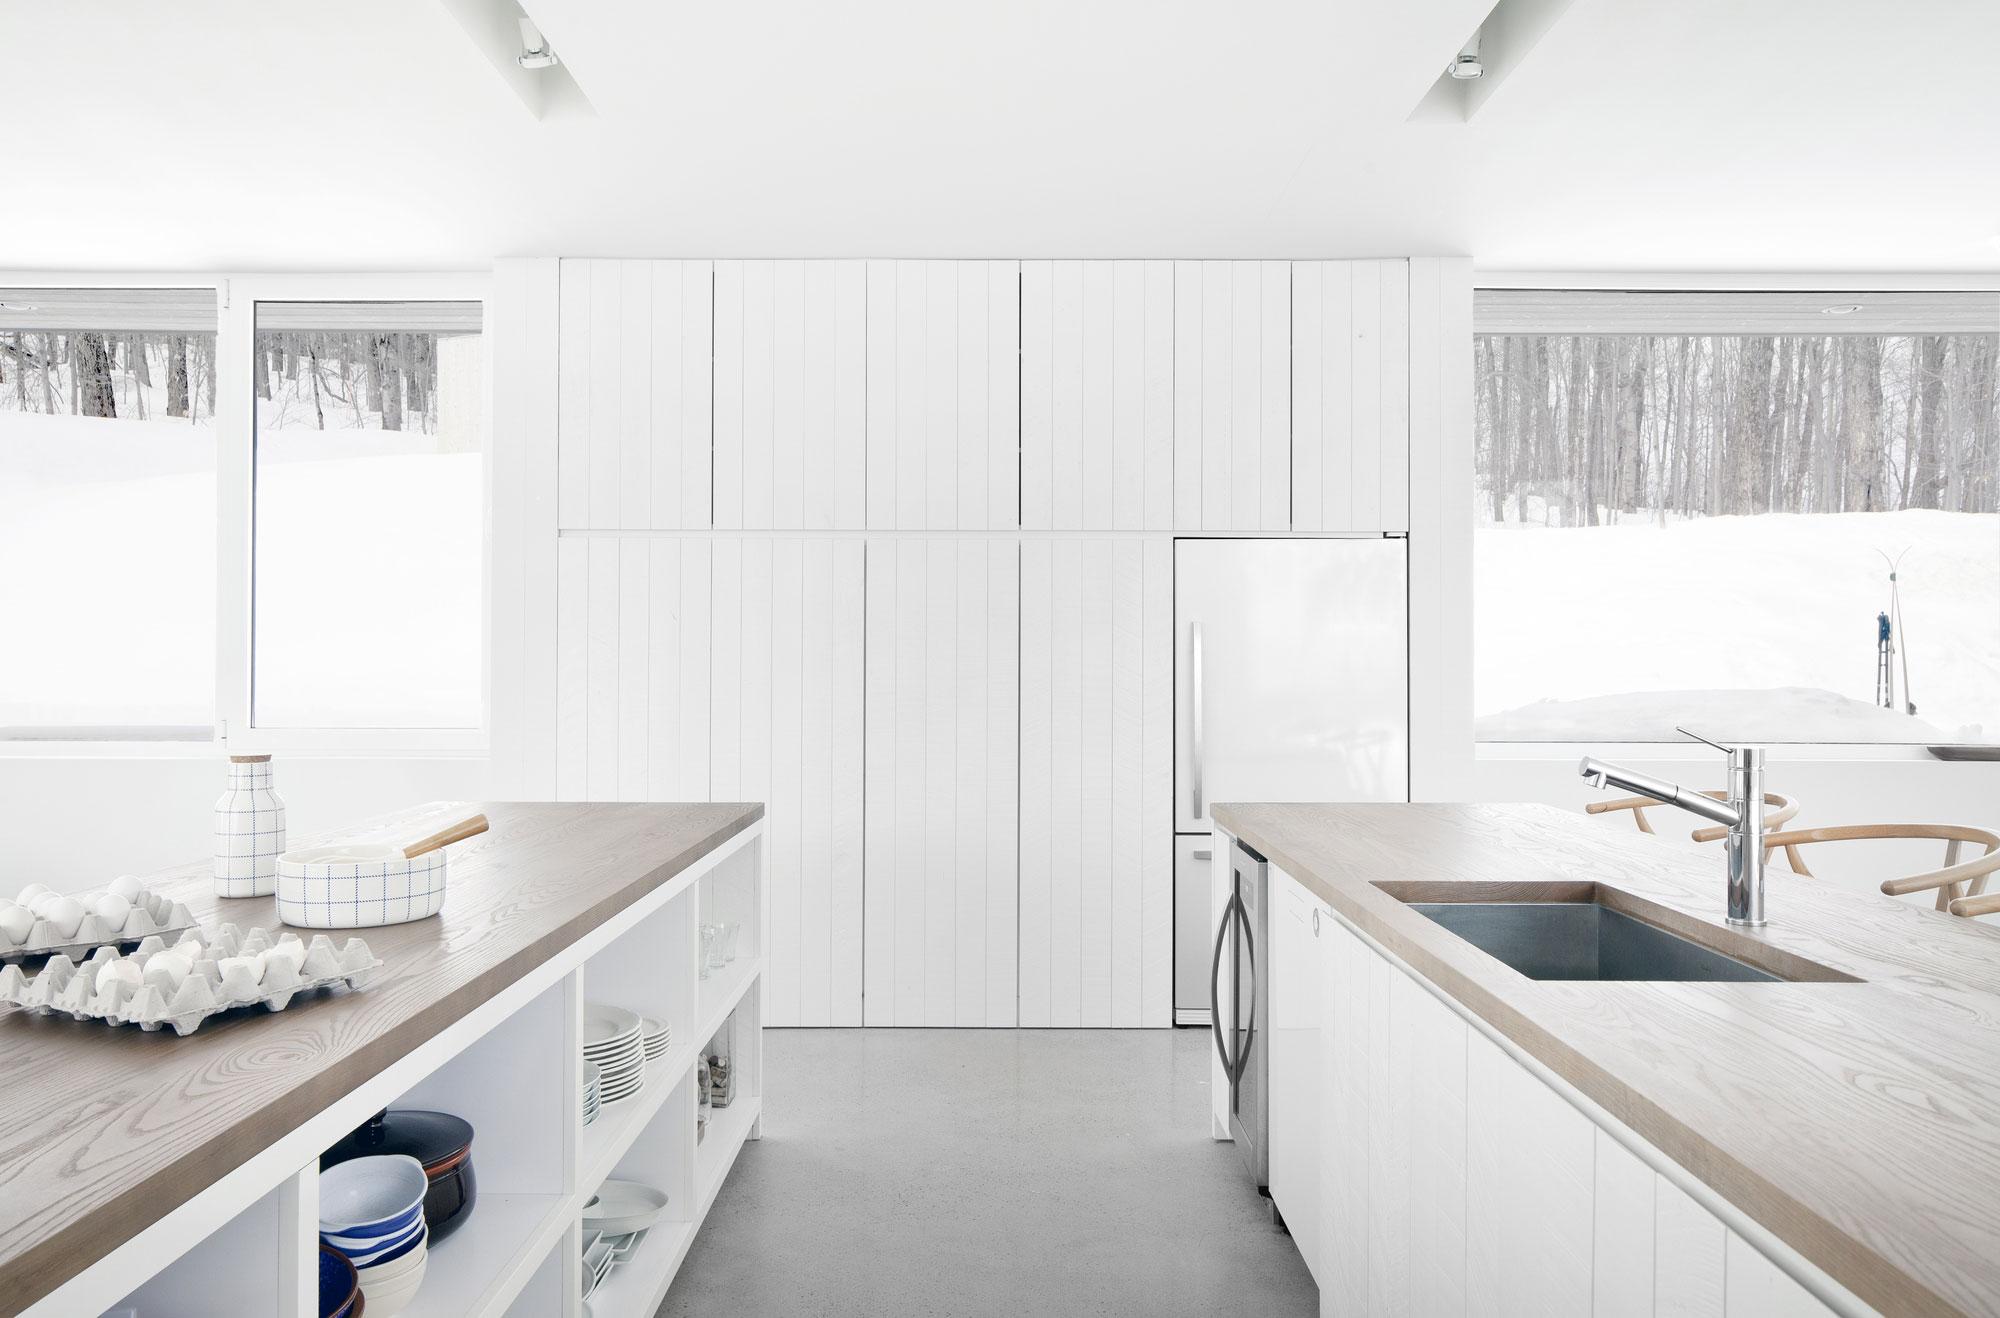 Роскошный интерьер белой кухни - Фото 4